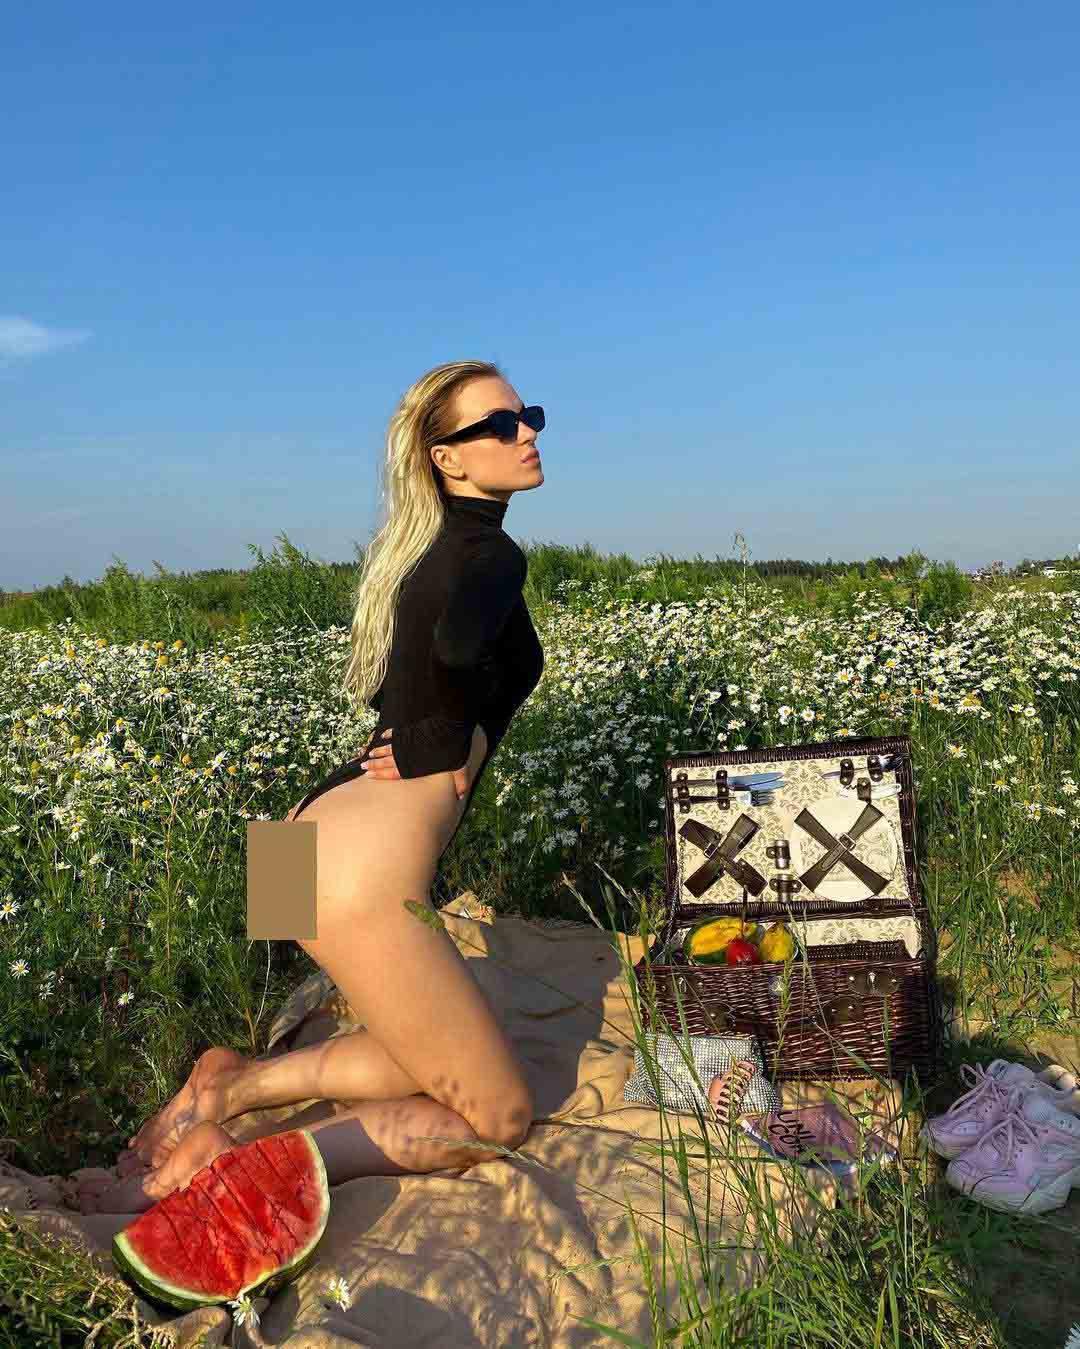 Người đẹp Nga hấp dẫn cả vạn người yêu thích khi chỉ mặc bikini cưỡi ngựa, rửa xe,... - 7